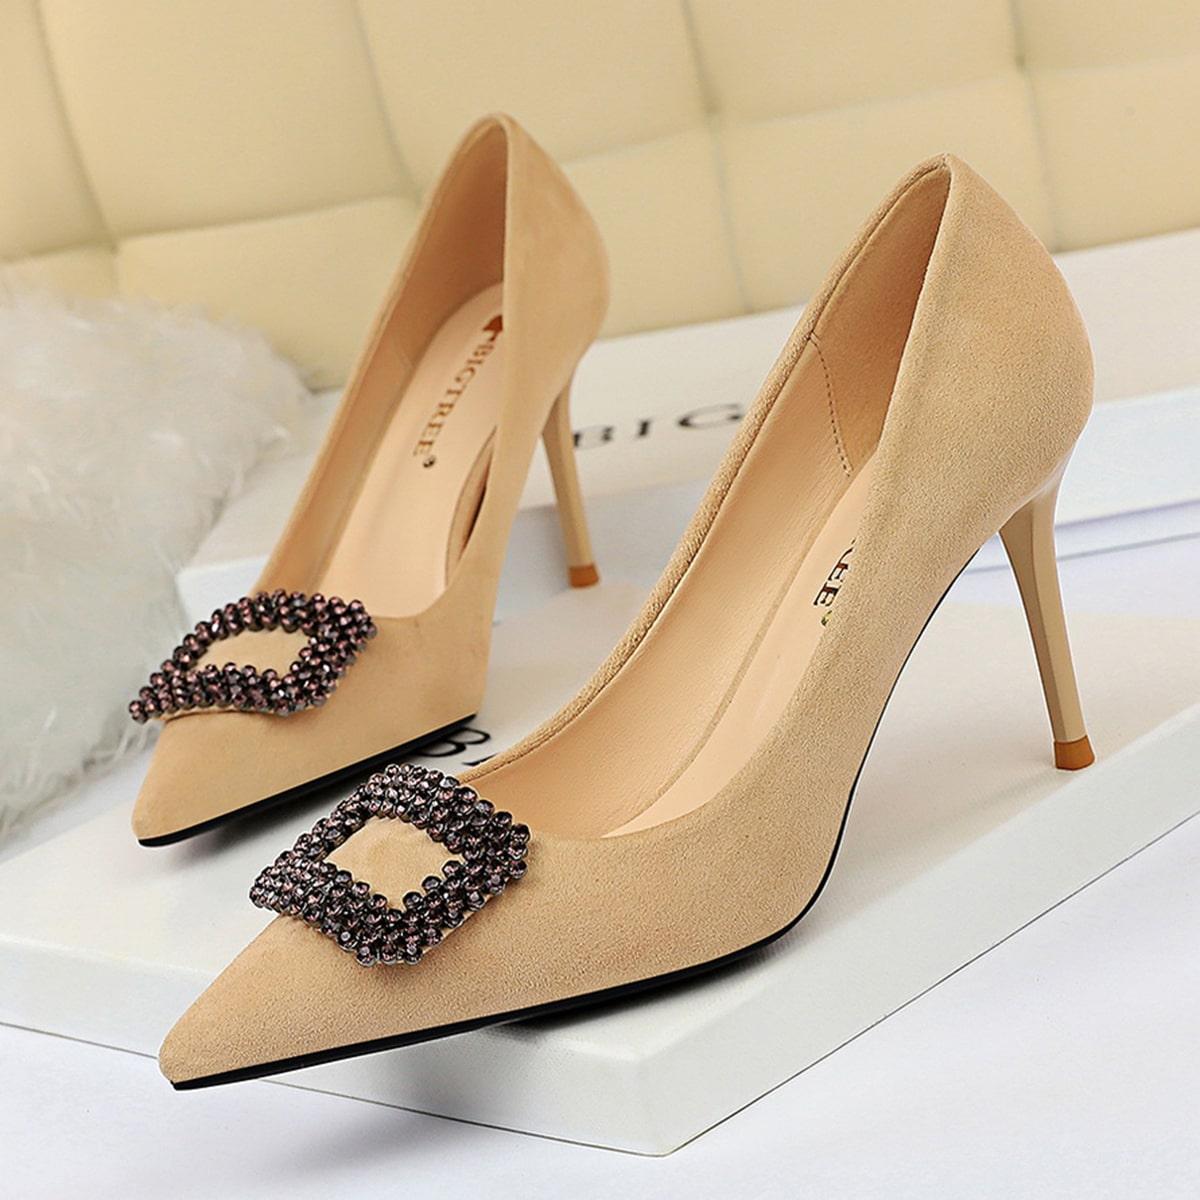 Туфли на шпильках с пряжкой